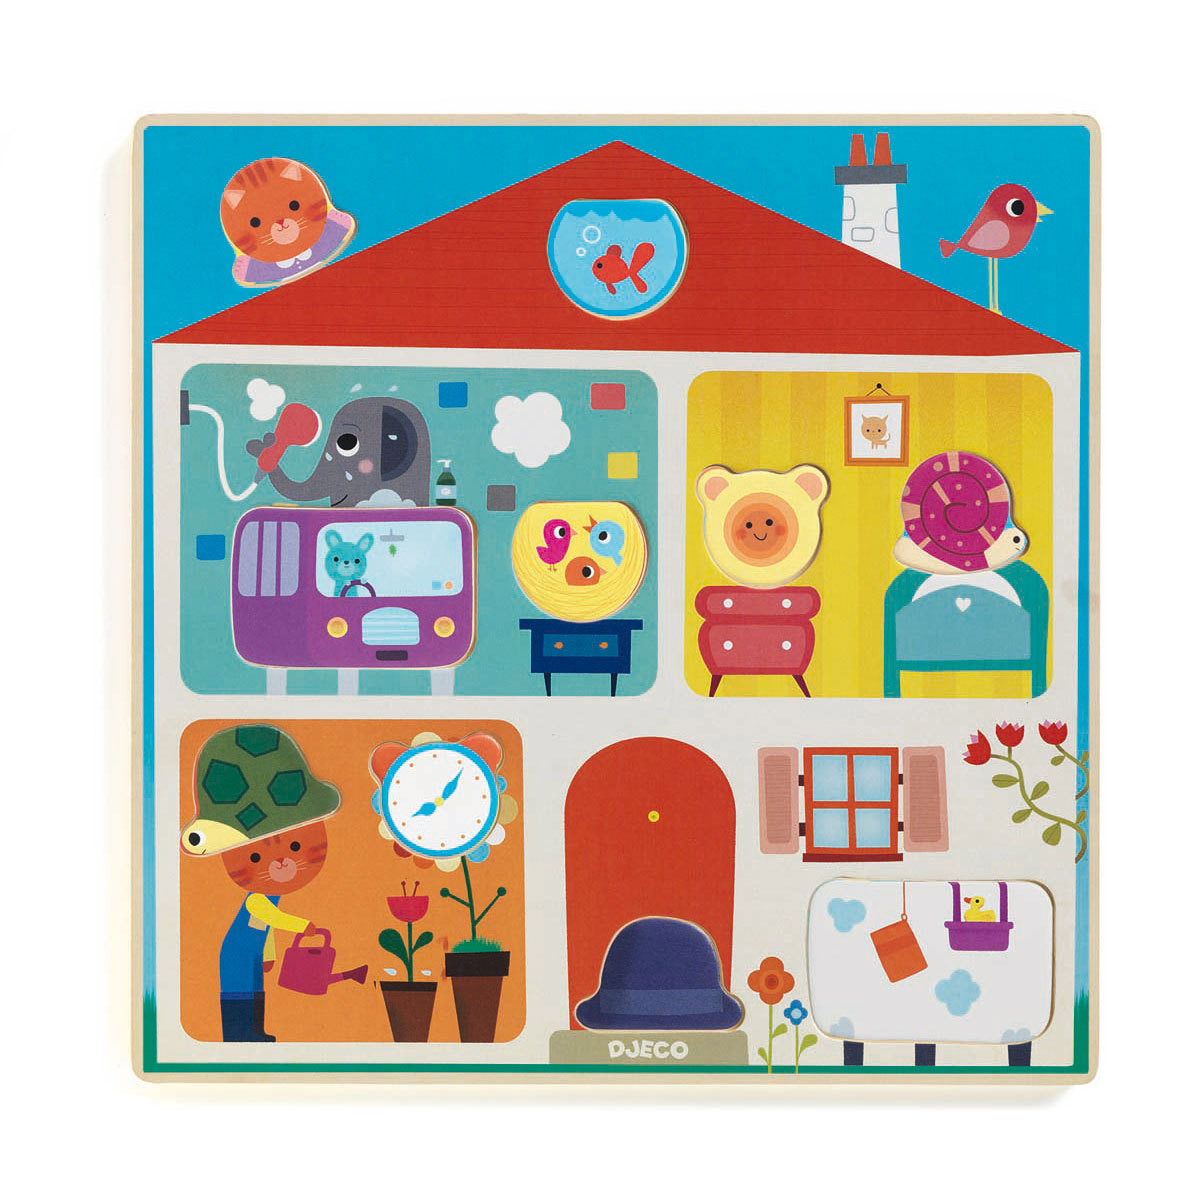 Mes premiers jouets Puzzle Éducatif - Swapy Puzzle Éducatif - Swapy